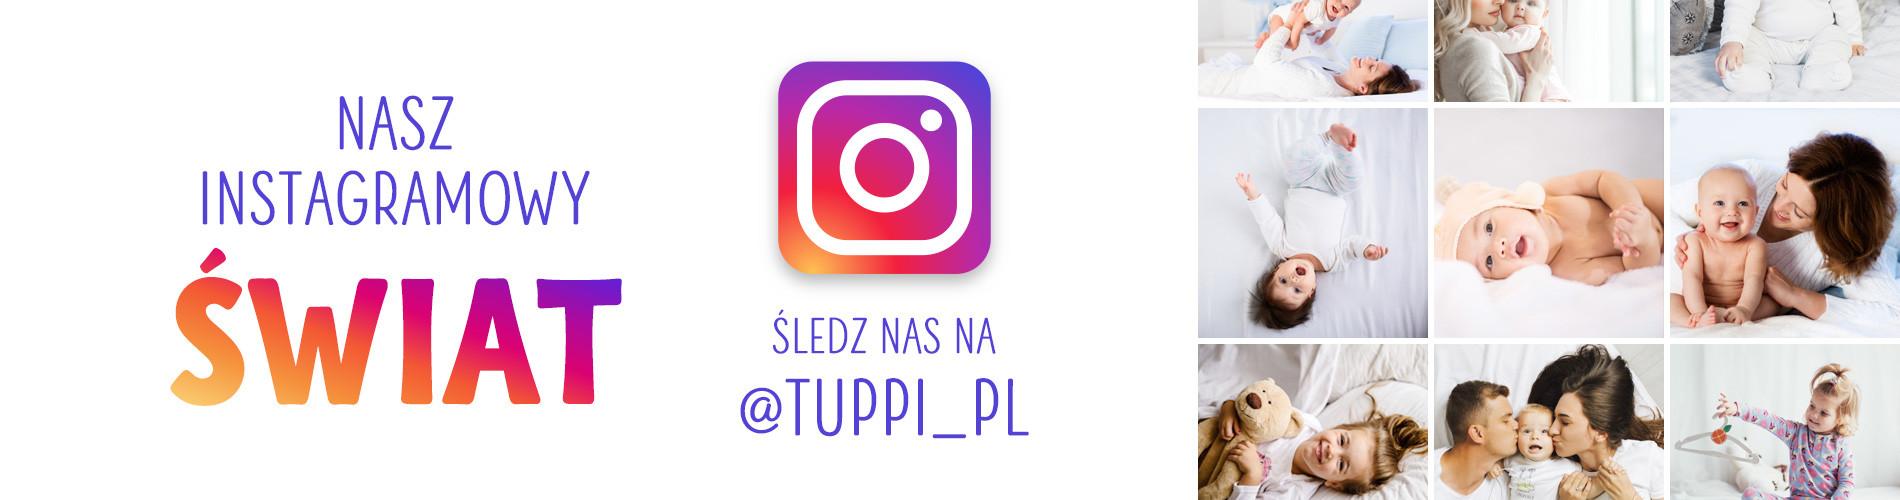 Odwiedź naszego instagrama